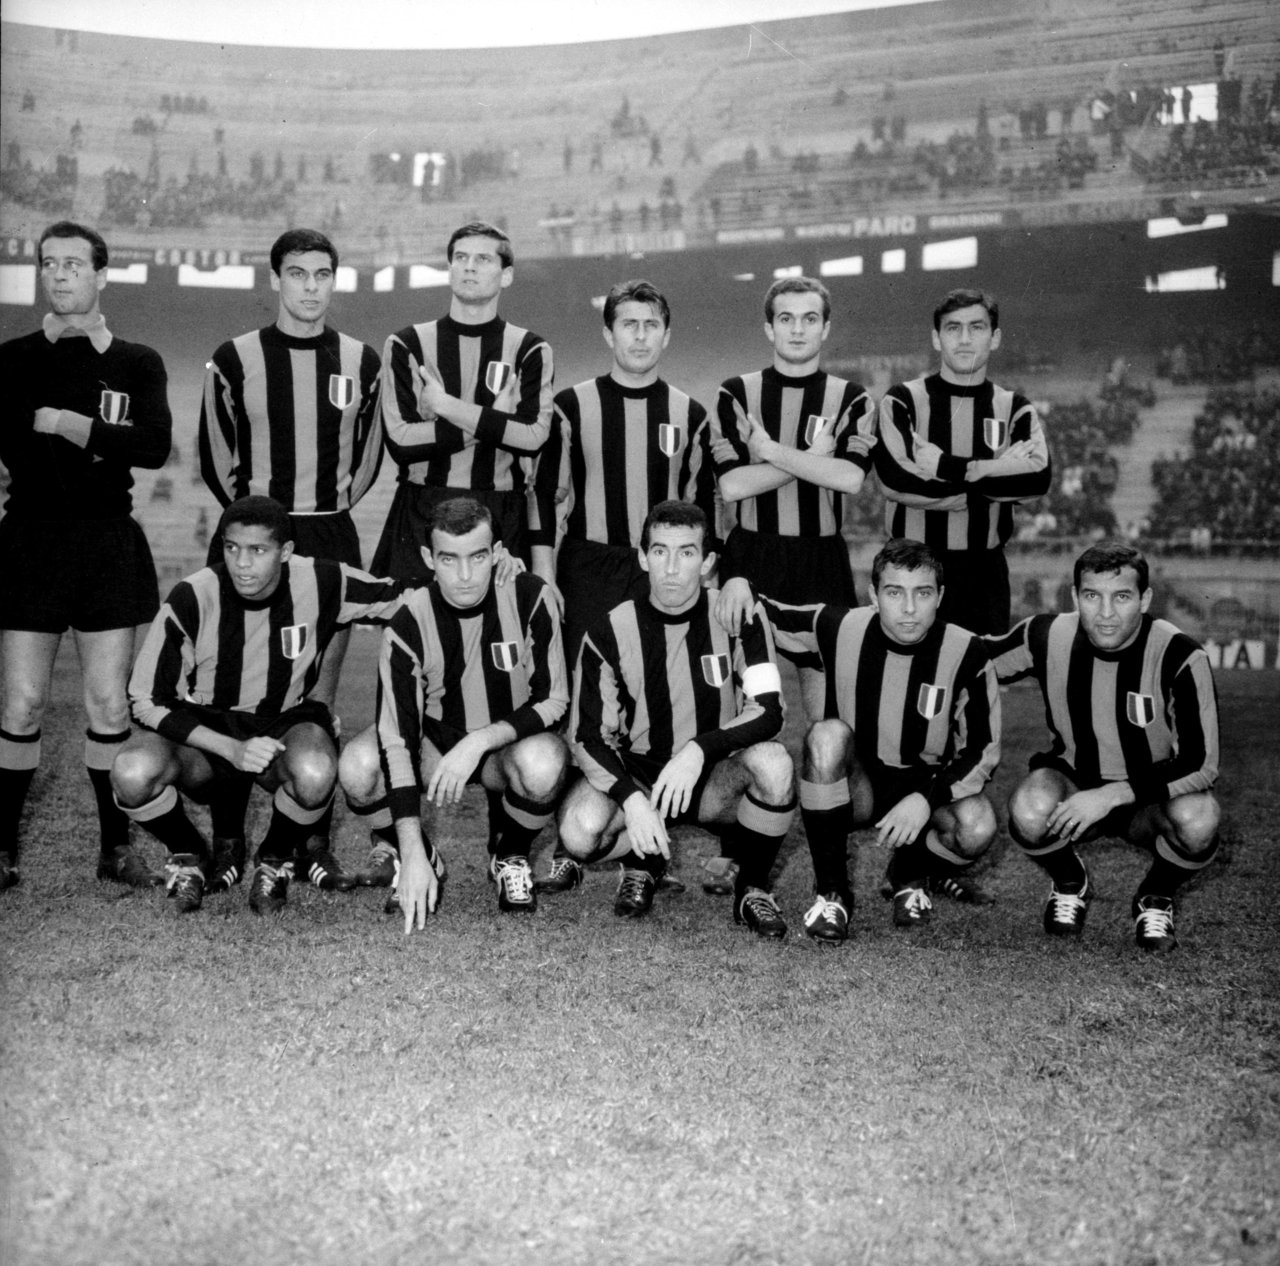 FOTOS HISTORICAS O CHULAS  DE FUTBOL - Página 20 DoPtBcoW0AYxBRT